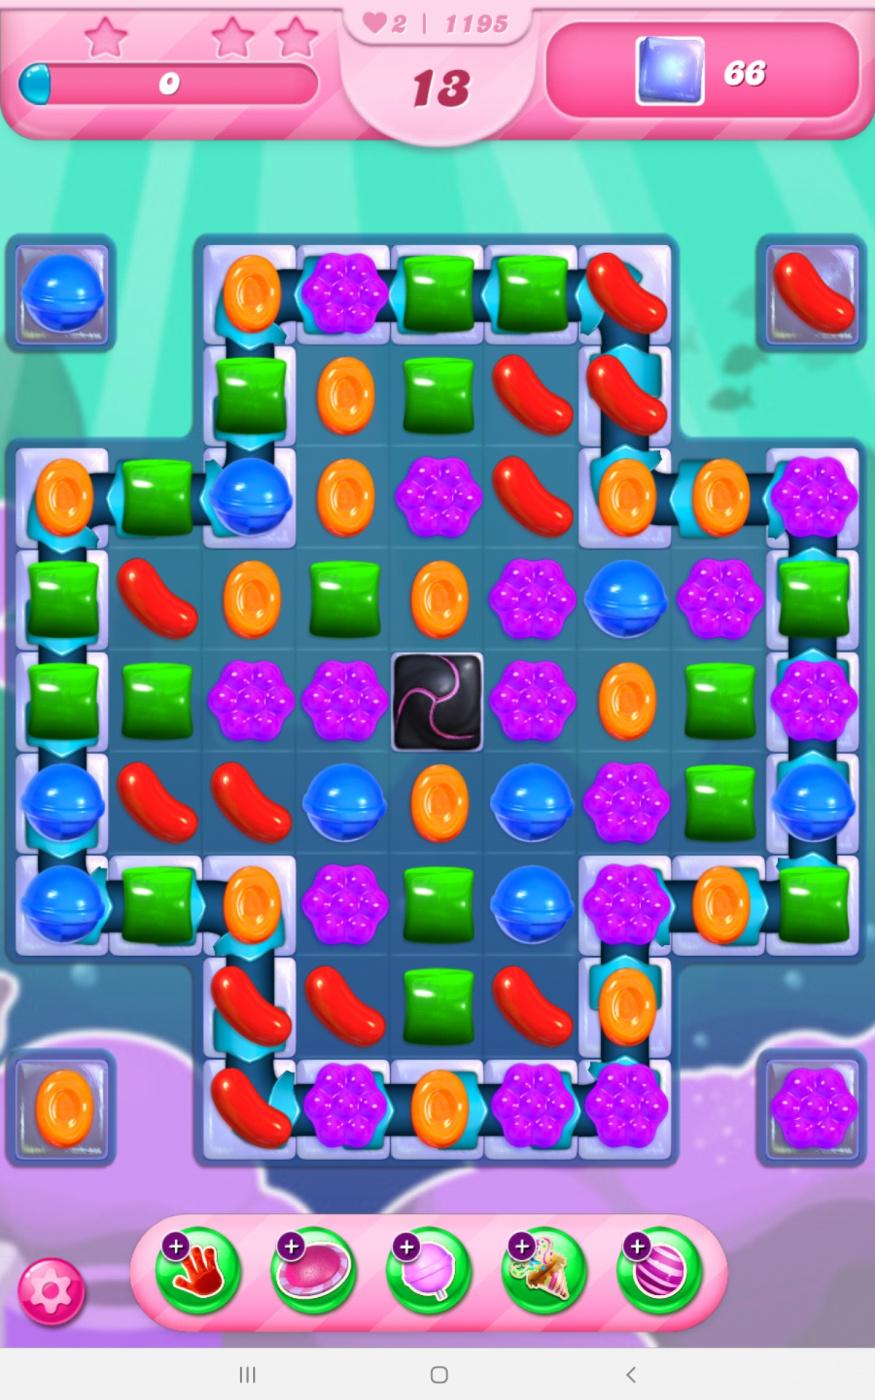 Screenshot_20210317-114236_Candy Crush Saga.jpg